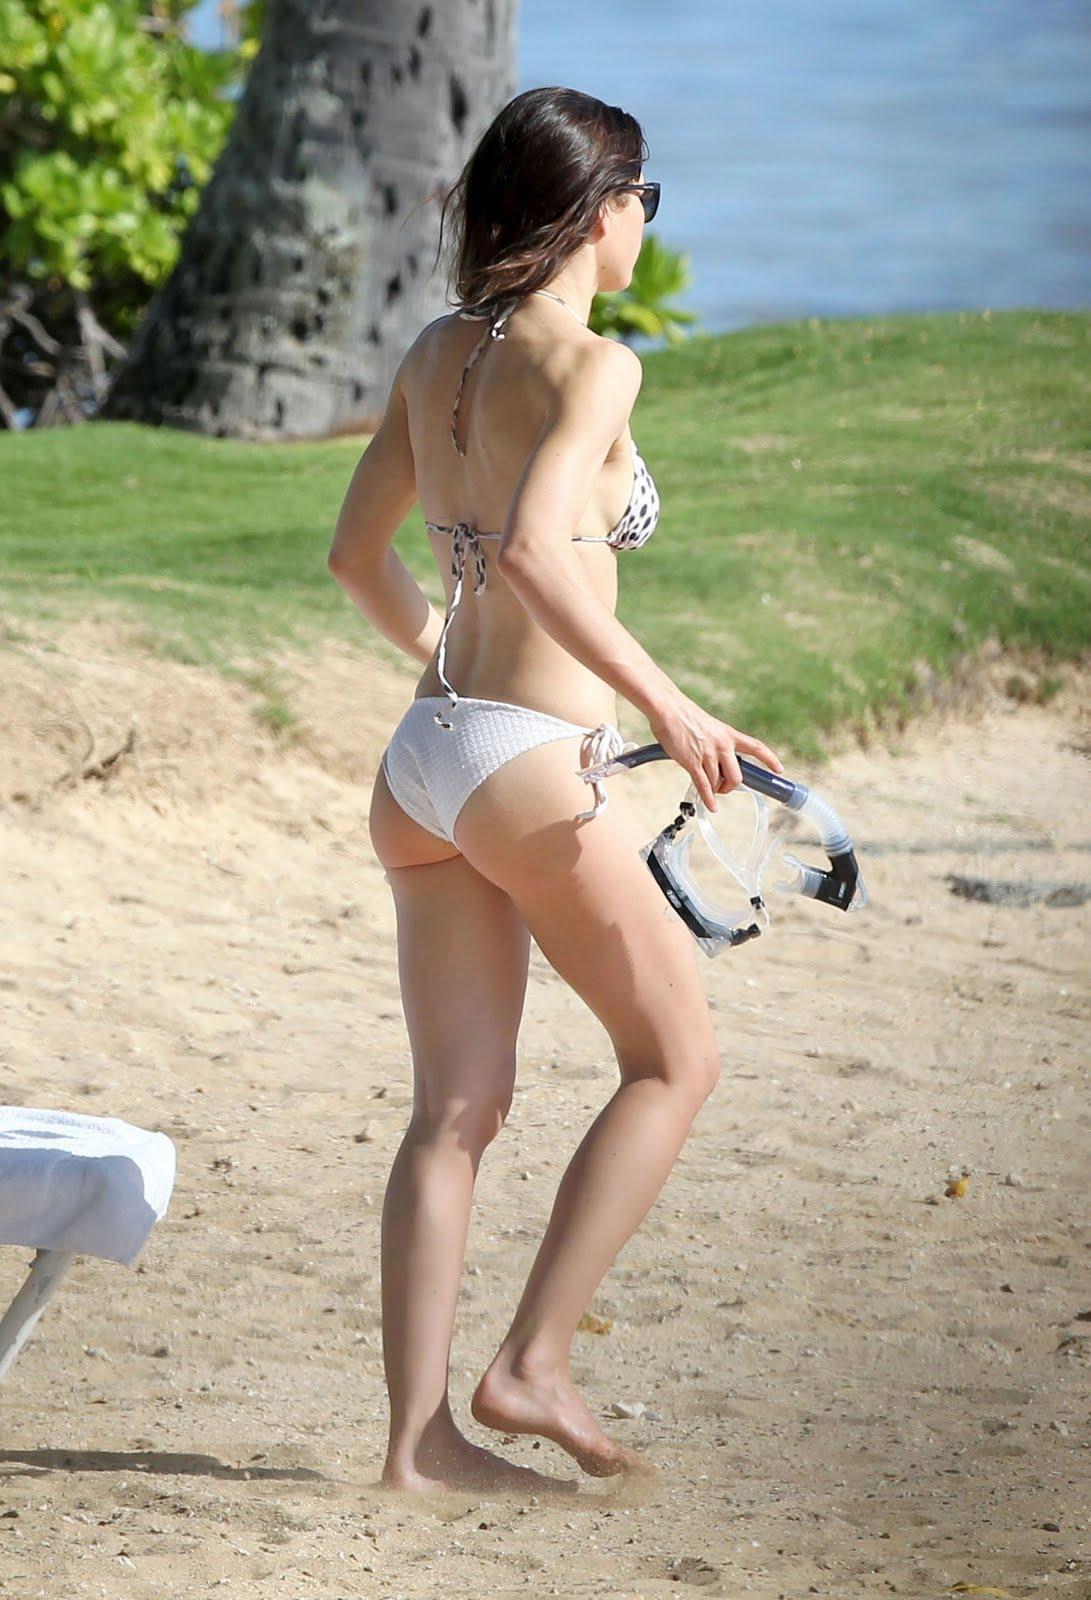 http://4.bp.blogspot.com/_qrmD8jCqKjE/TT74pNRDzzI/AAAAAAAAO_k/qtP5ZJQgT88/s1600/Jessica-Biel-Bikini-2011-5.jpg